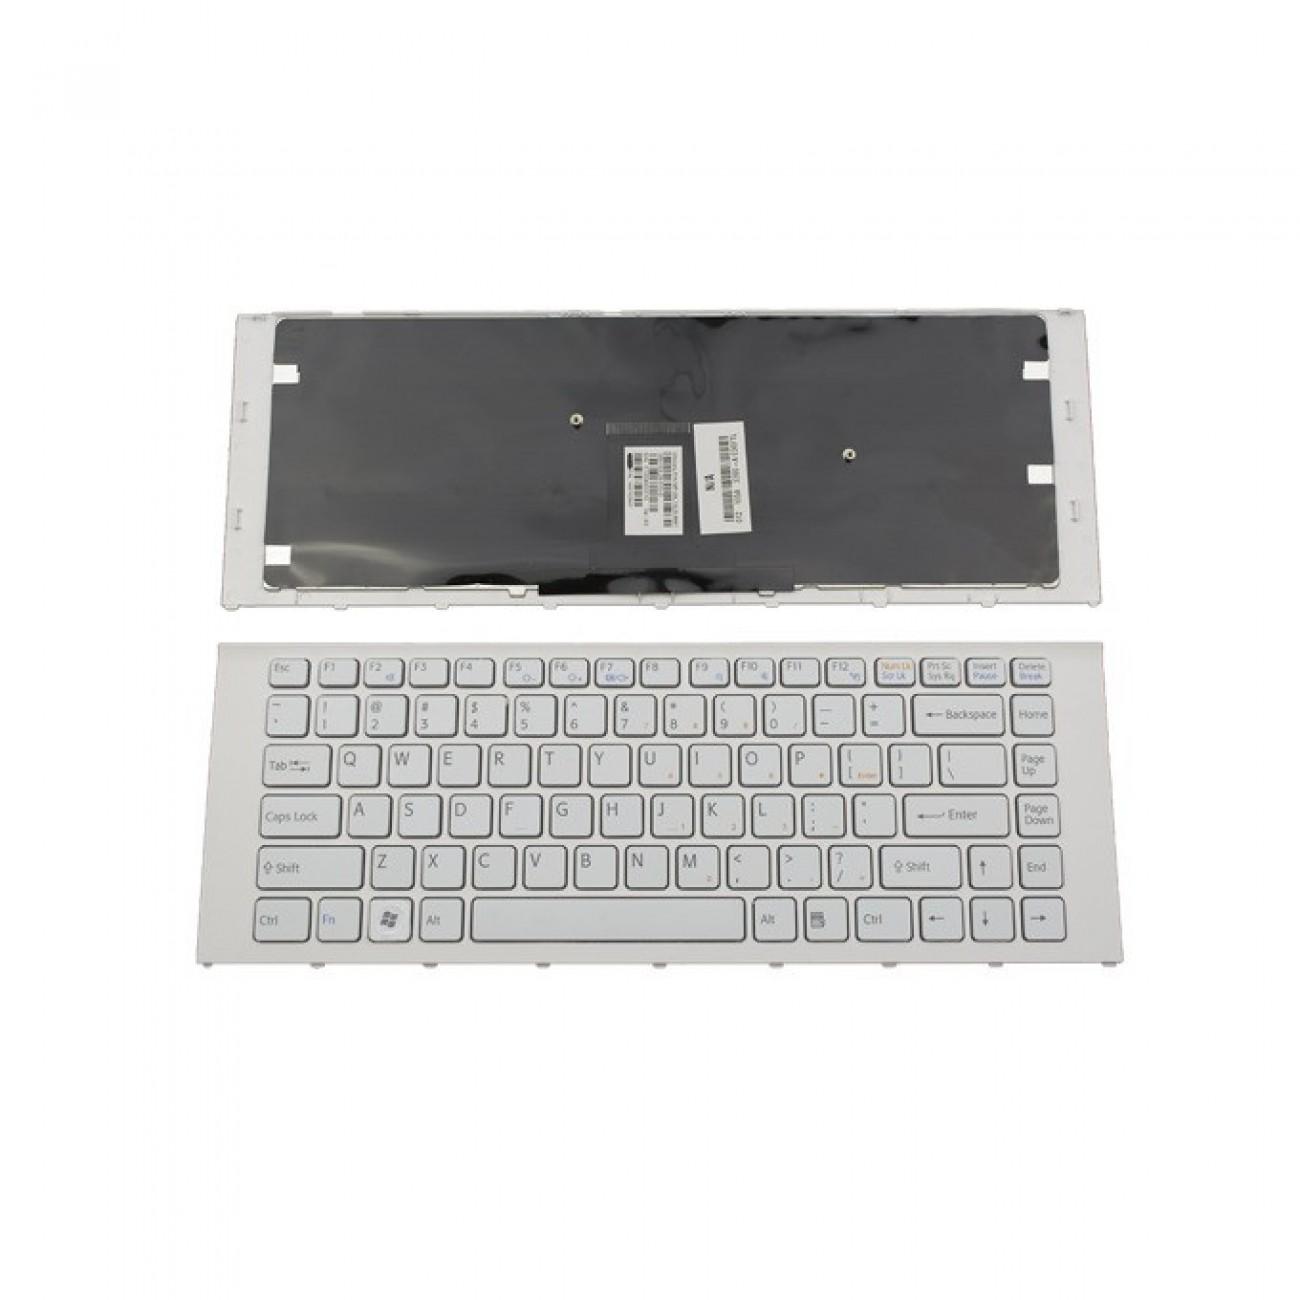 Клавиатура за лаптоп Sony, съвместима със серия VAIO VPC-EA/VPC EA, UK, с бяла рамка, с бели бутони в Резервни части - OEM | Alleop